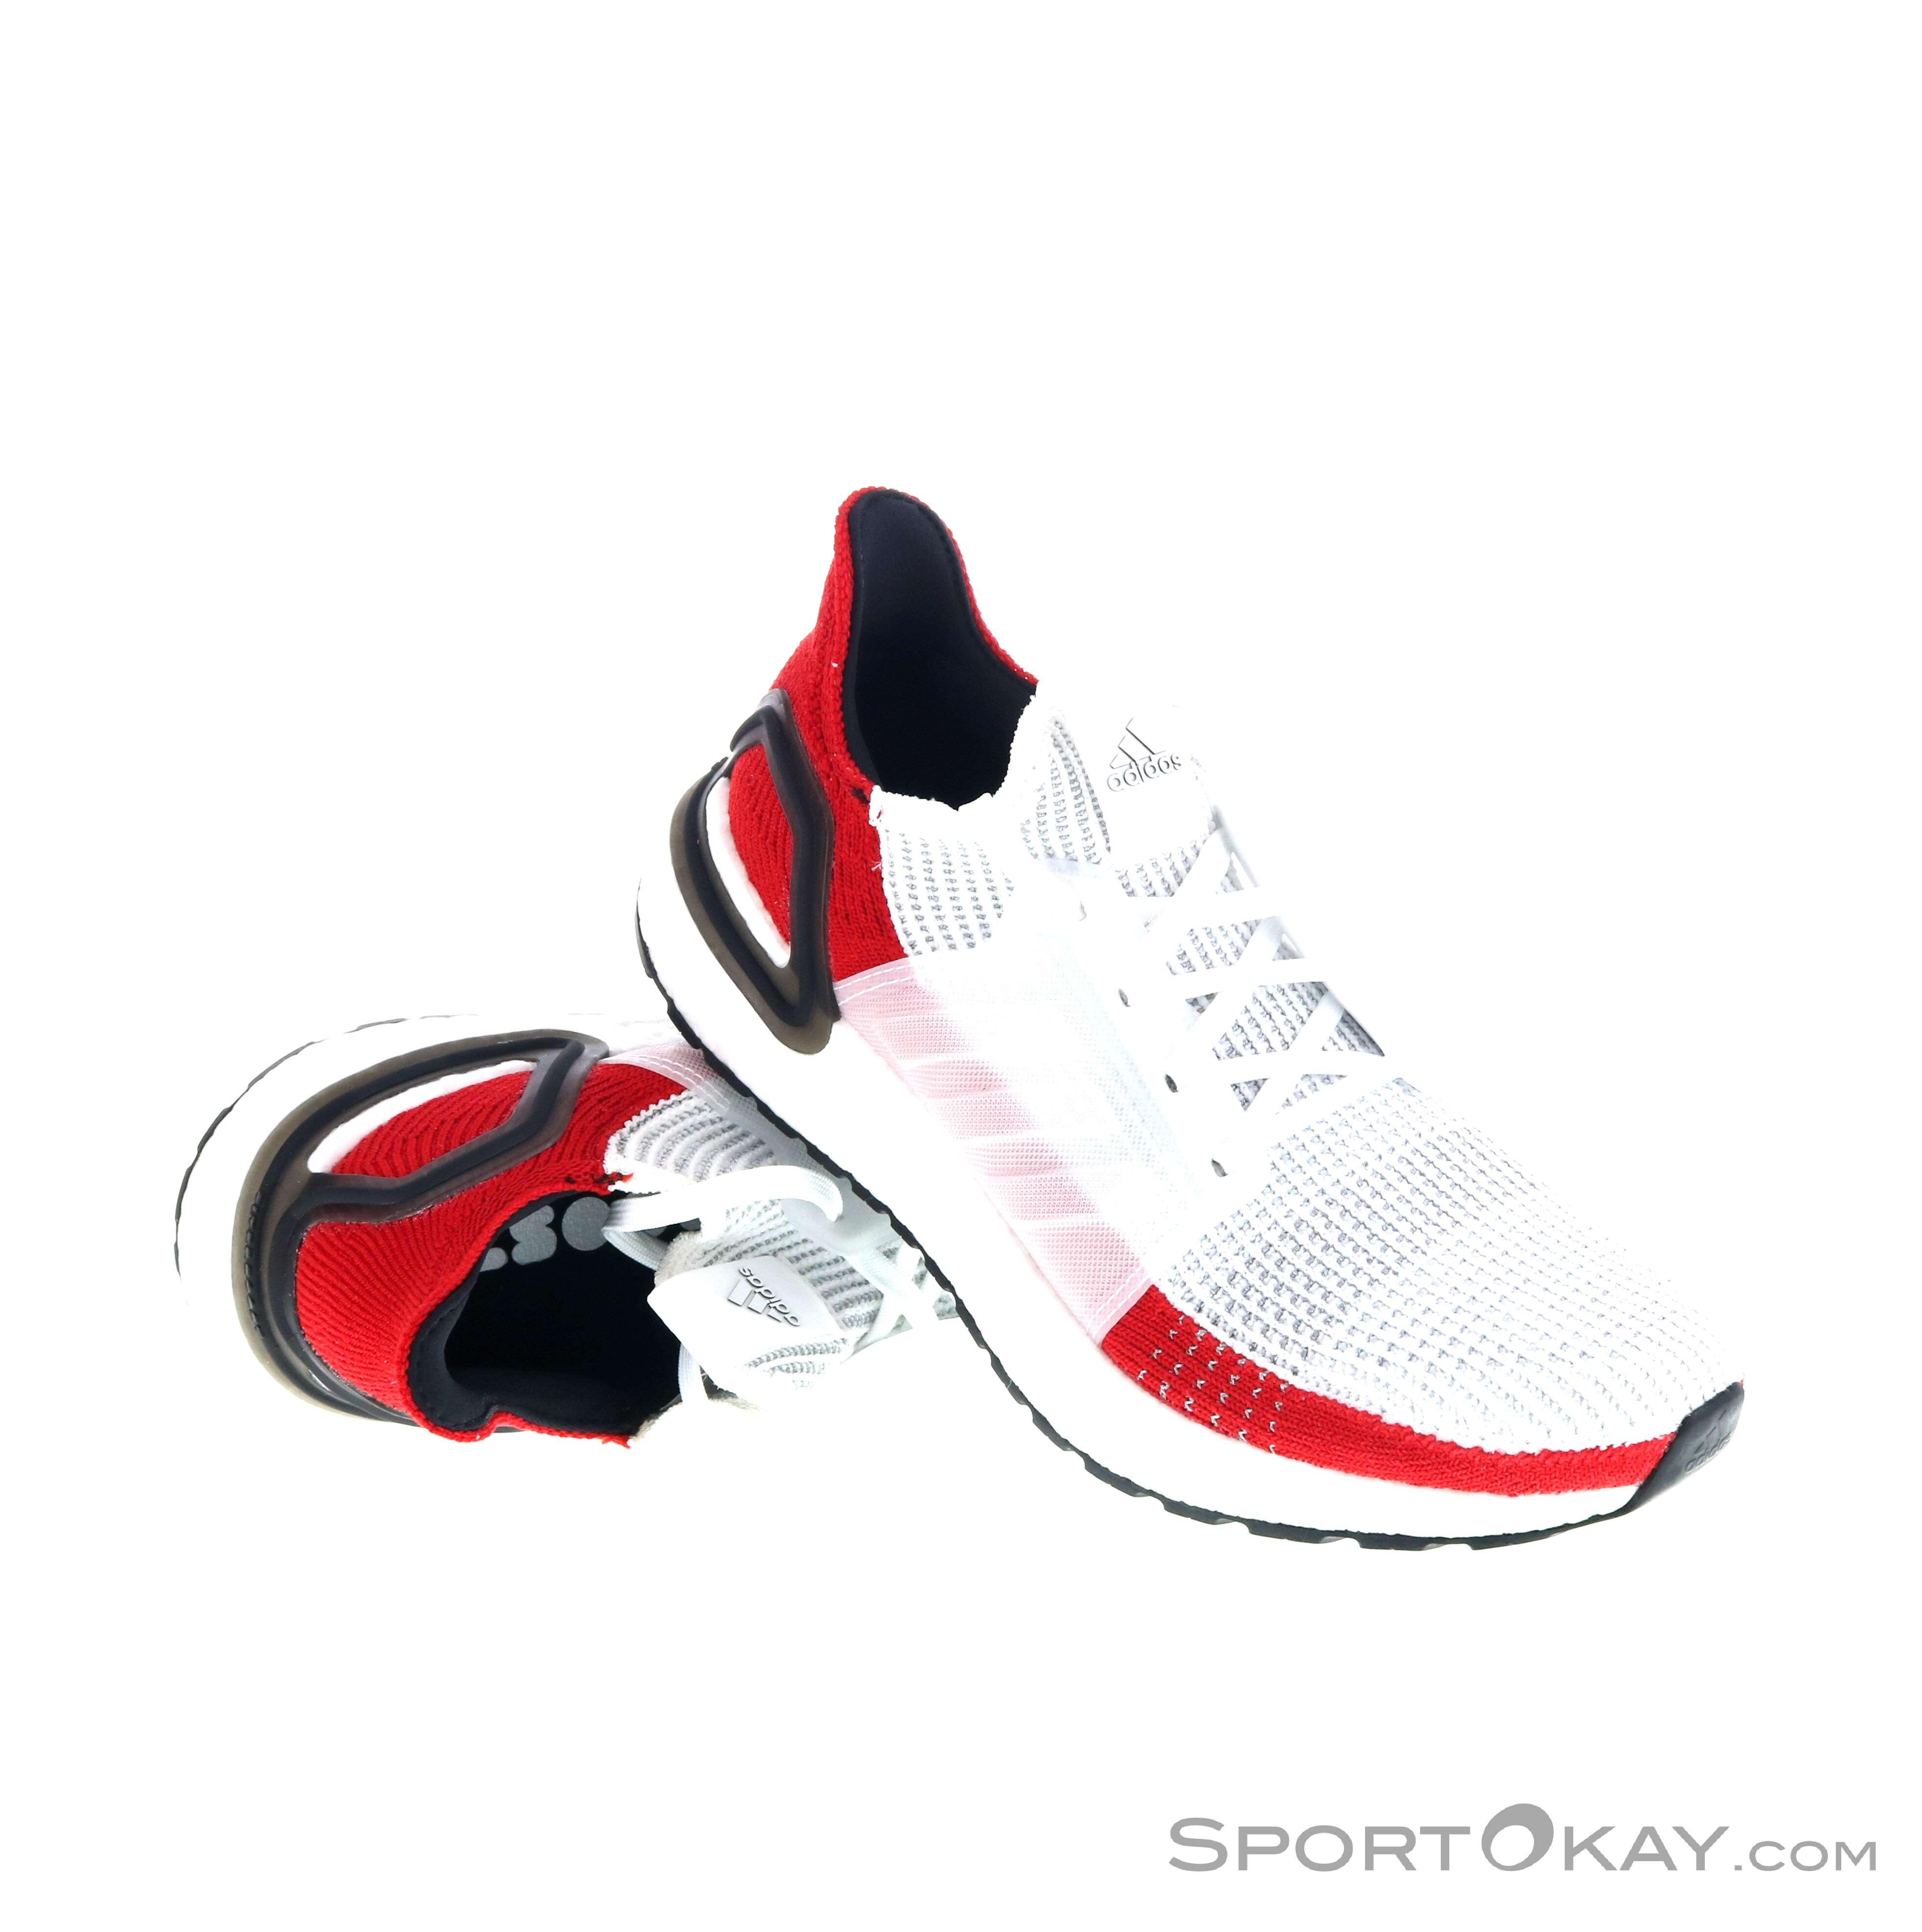 Adidas UltraBOOST Herren Sneaker in 14 Farben ab 86,99€ inkl.…